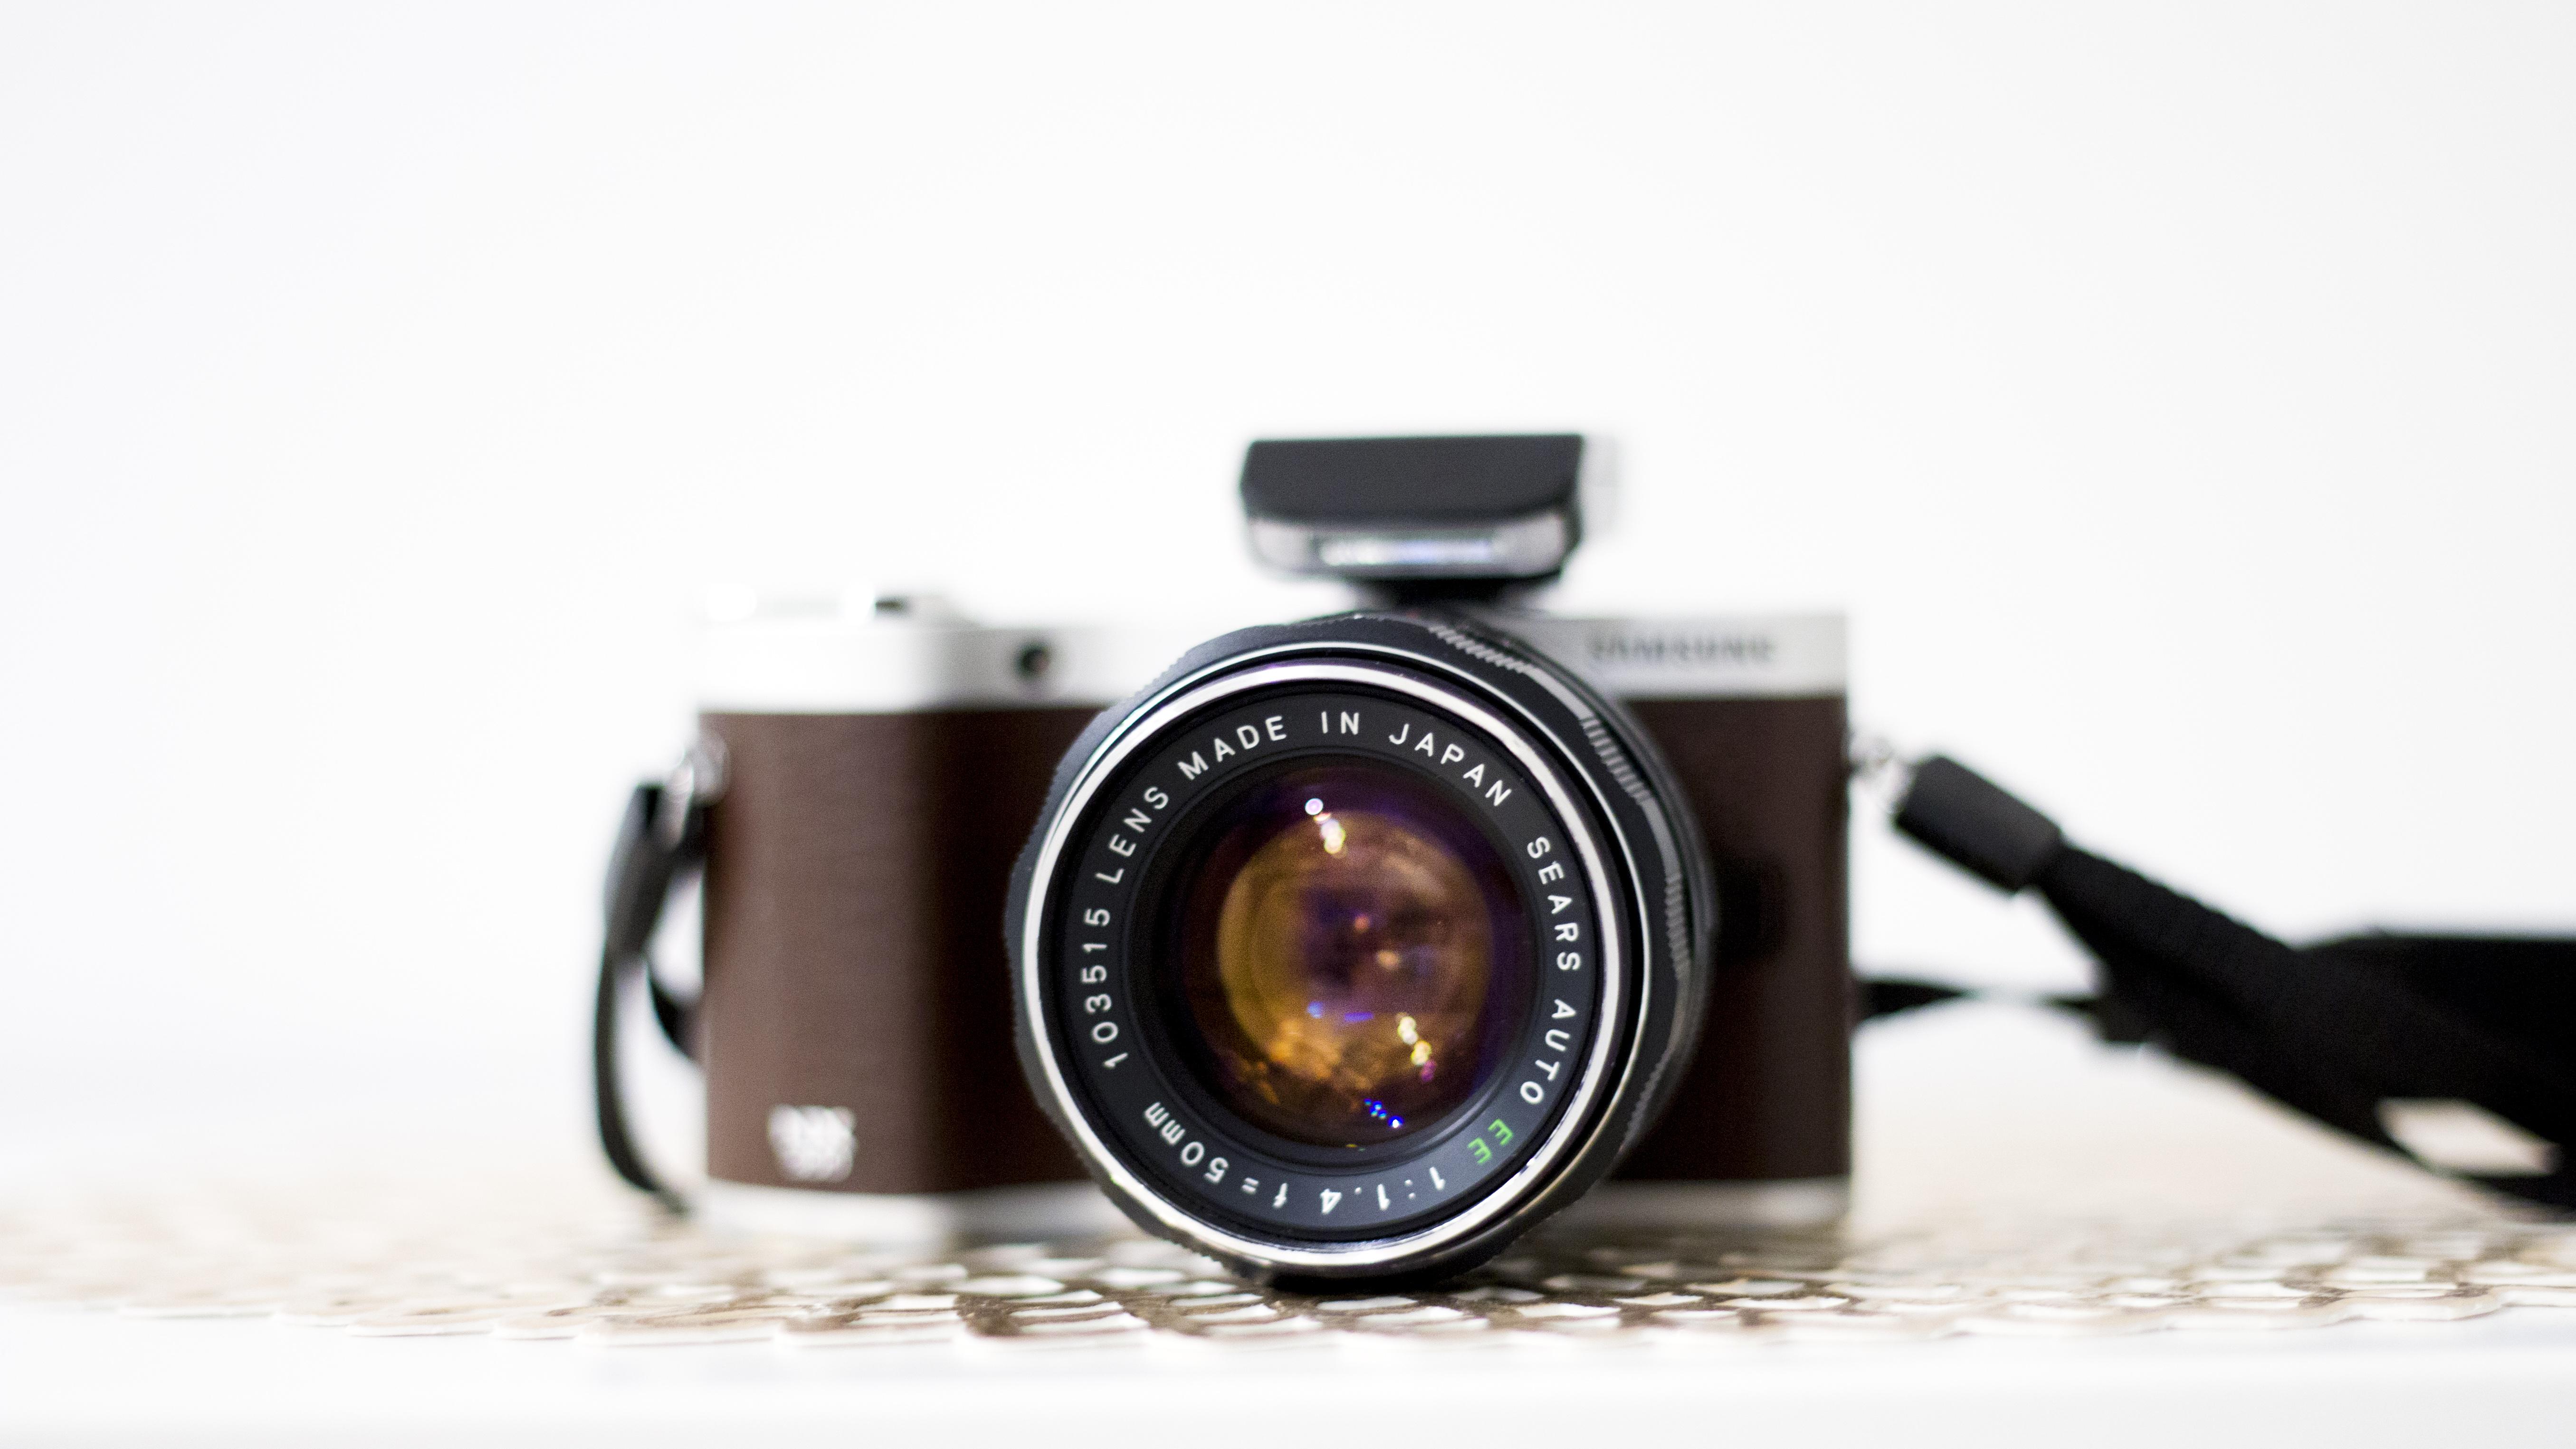 Black and Brown Dslr Camera